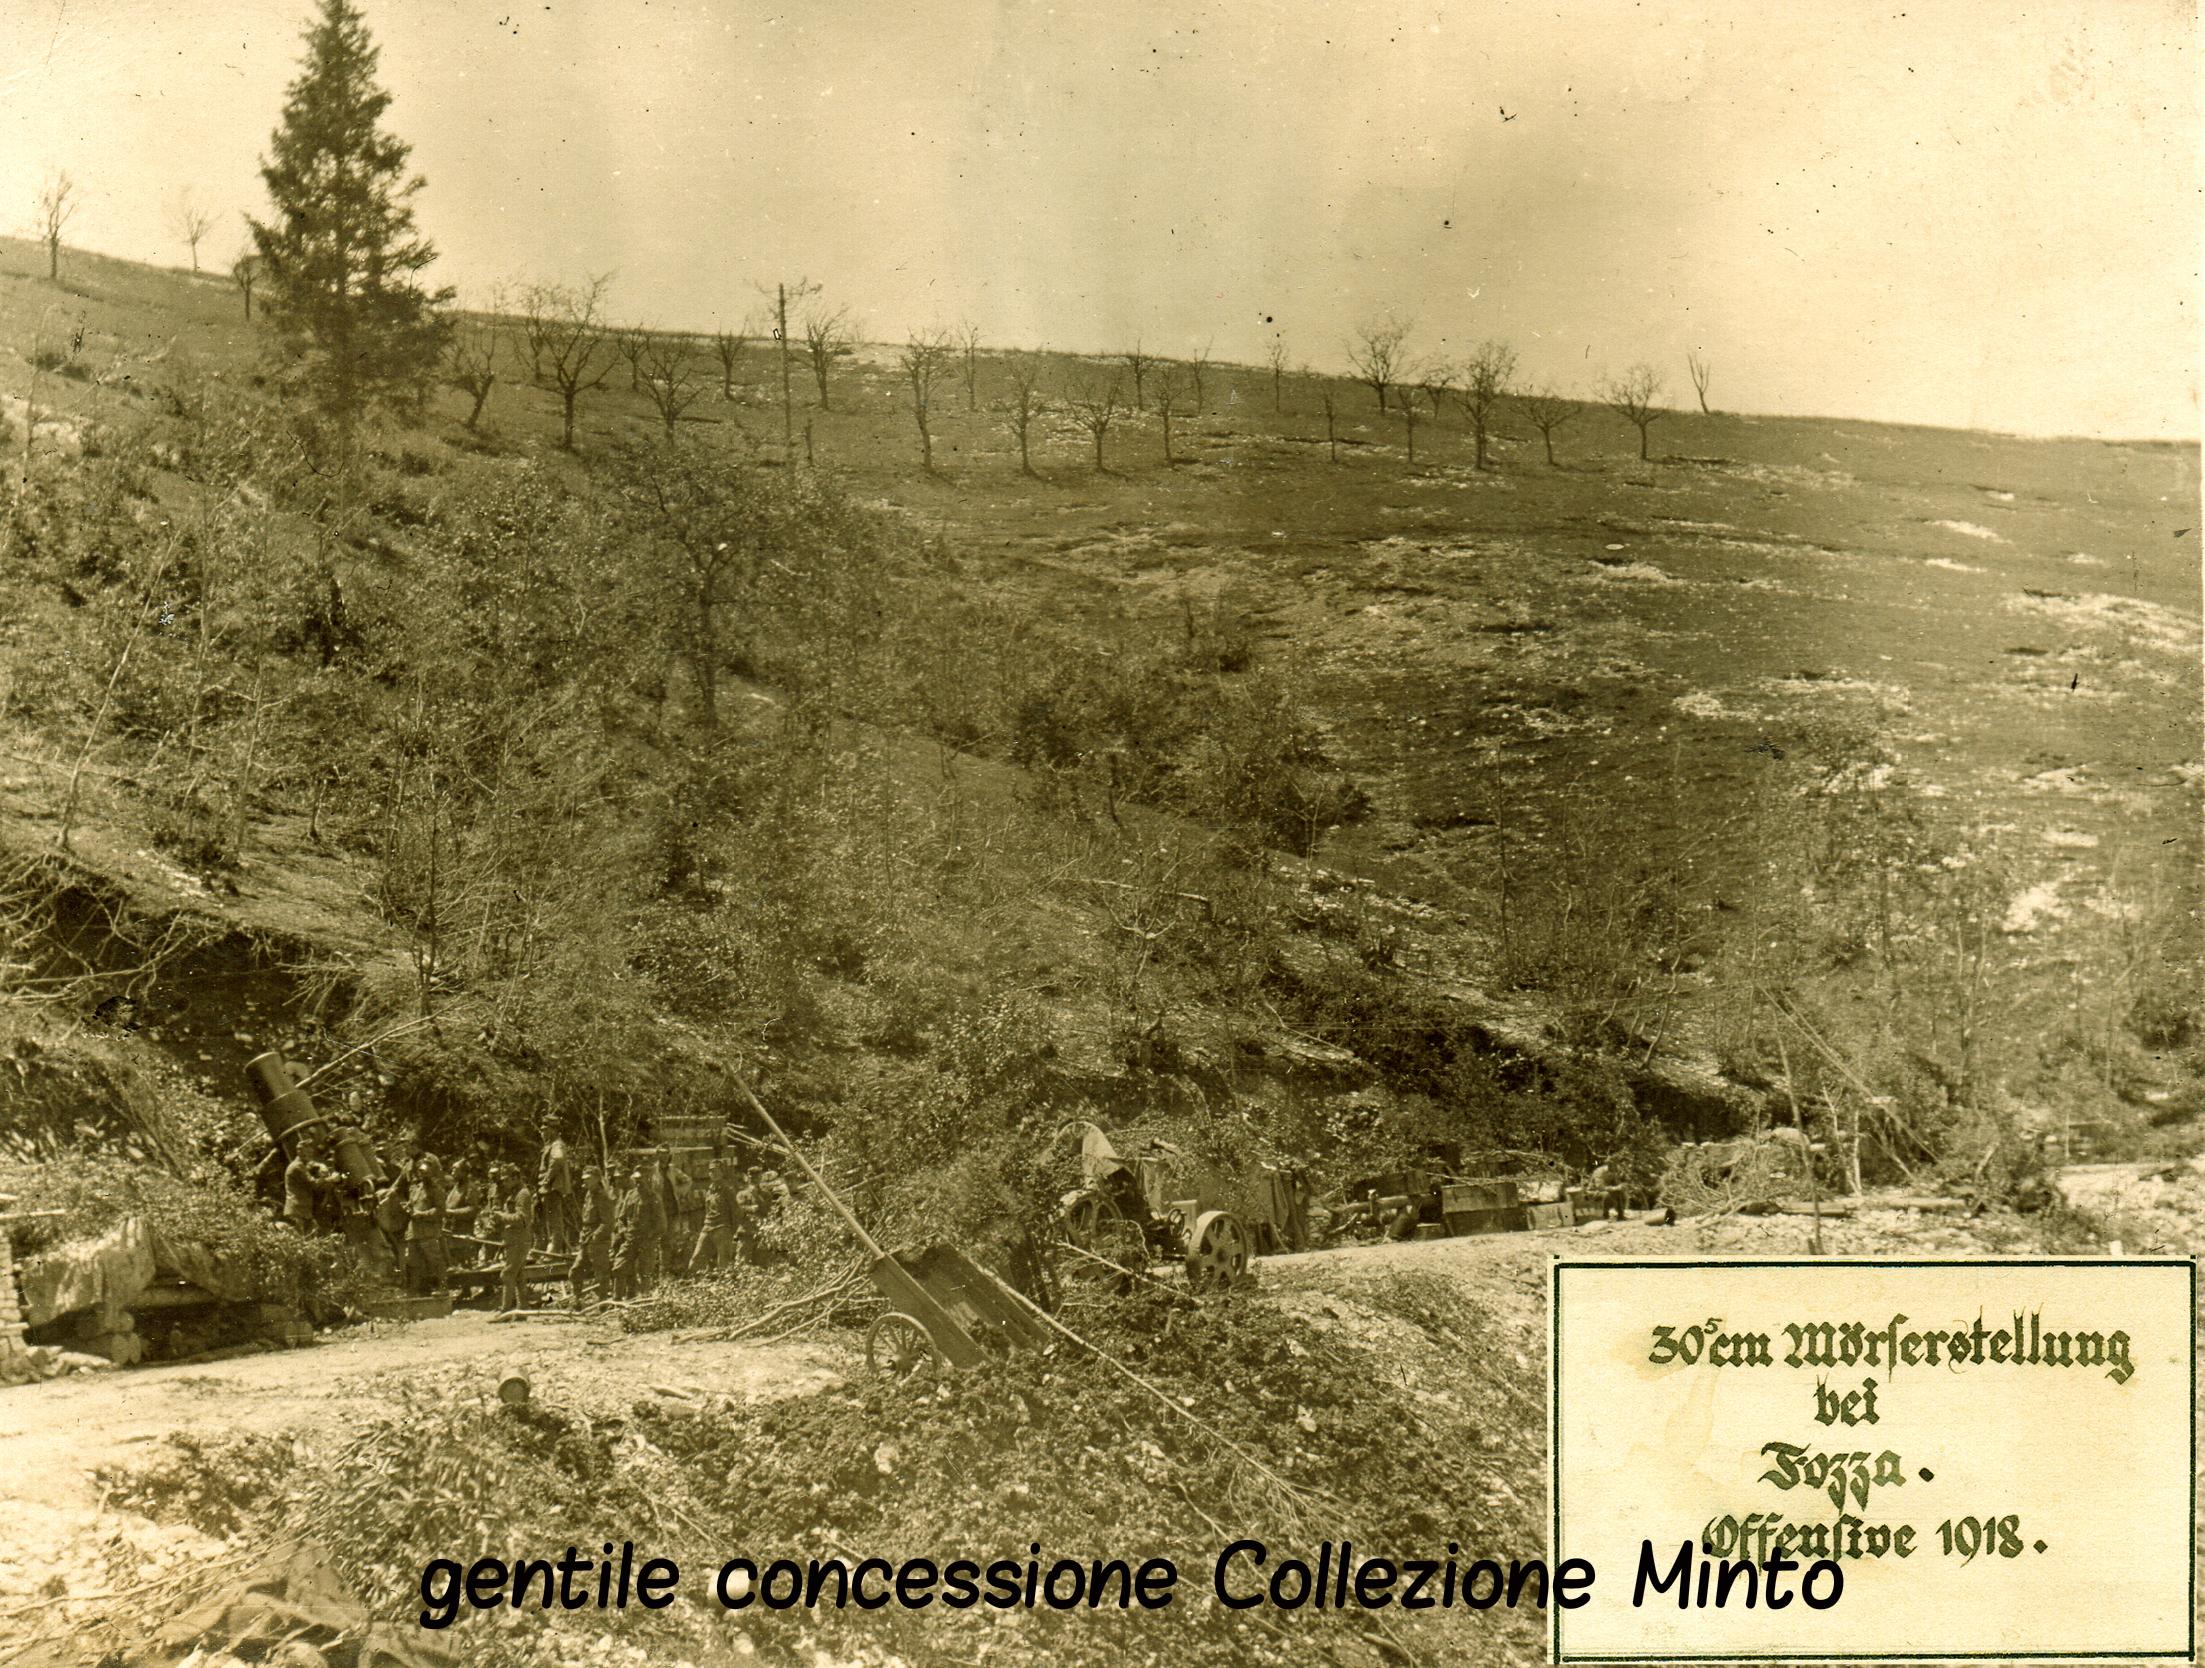 04 - un 305  austriaco nella zona di Foza - (ASDM - coll. Minto) (c).jpg